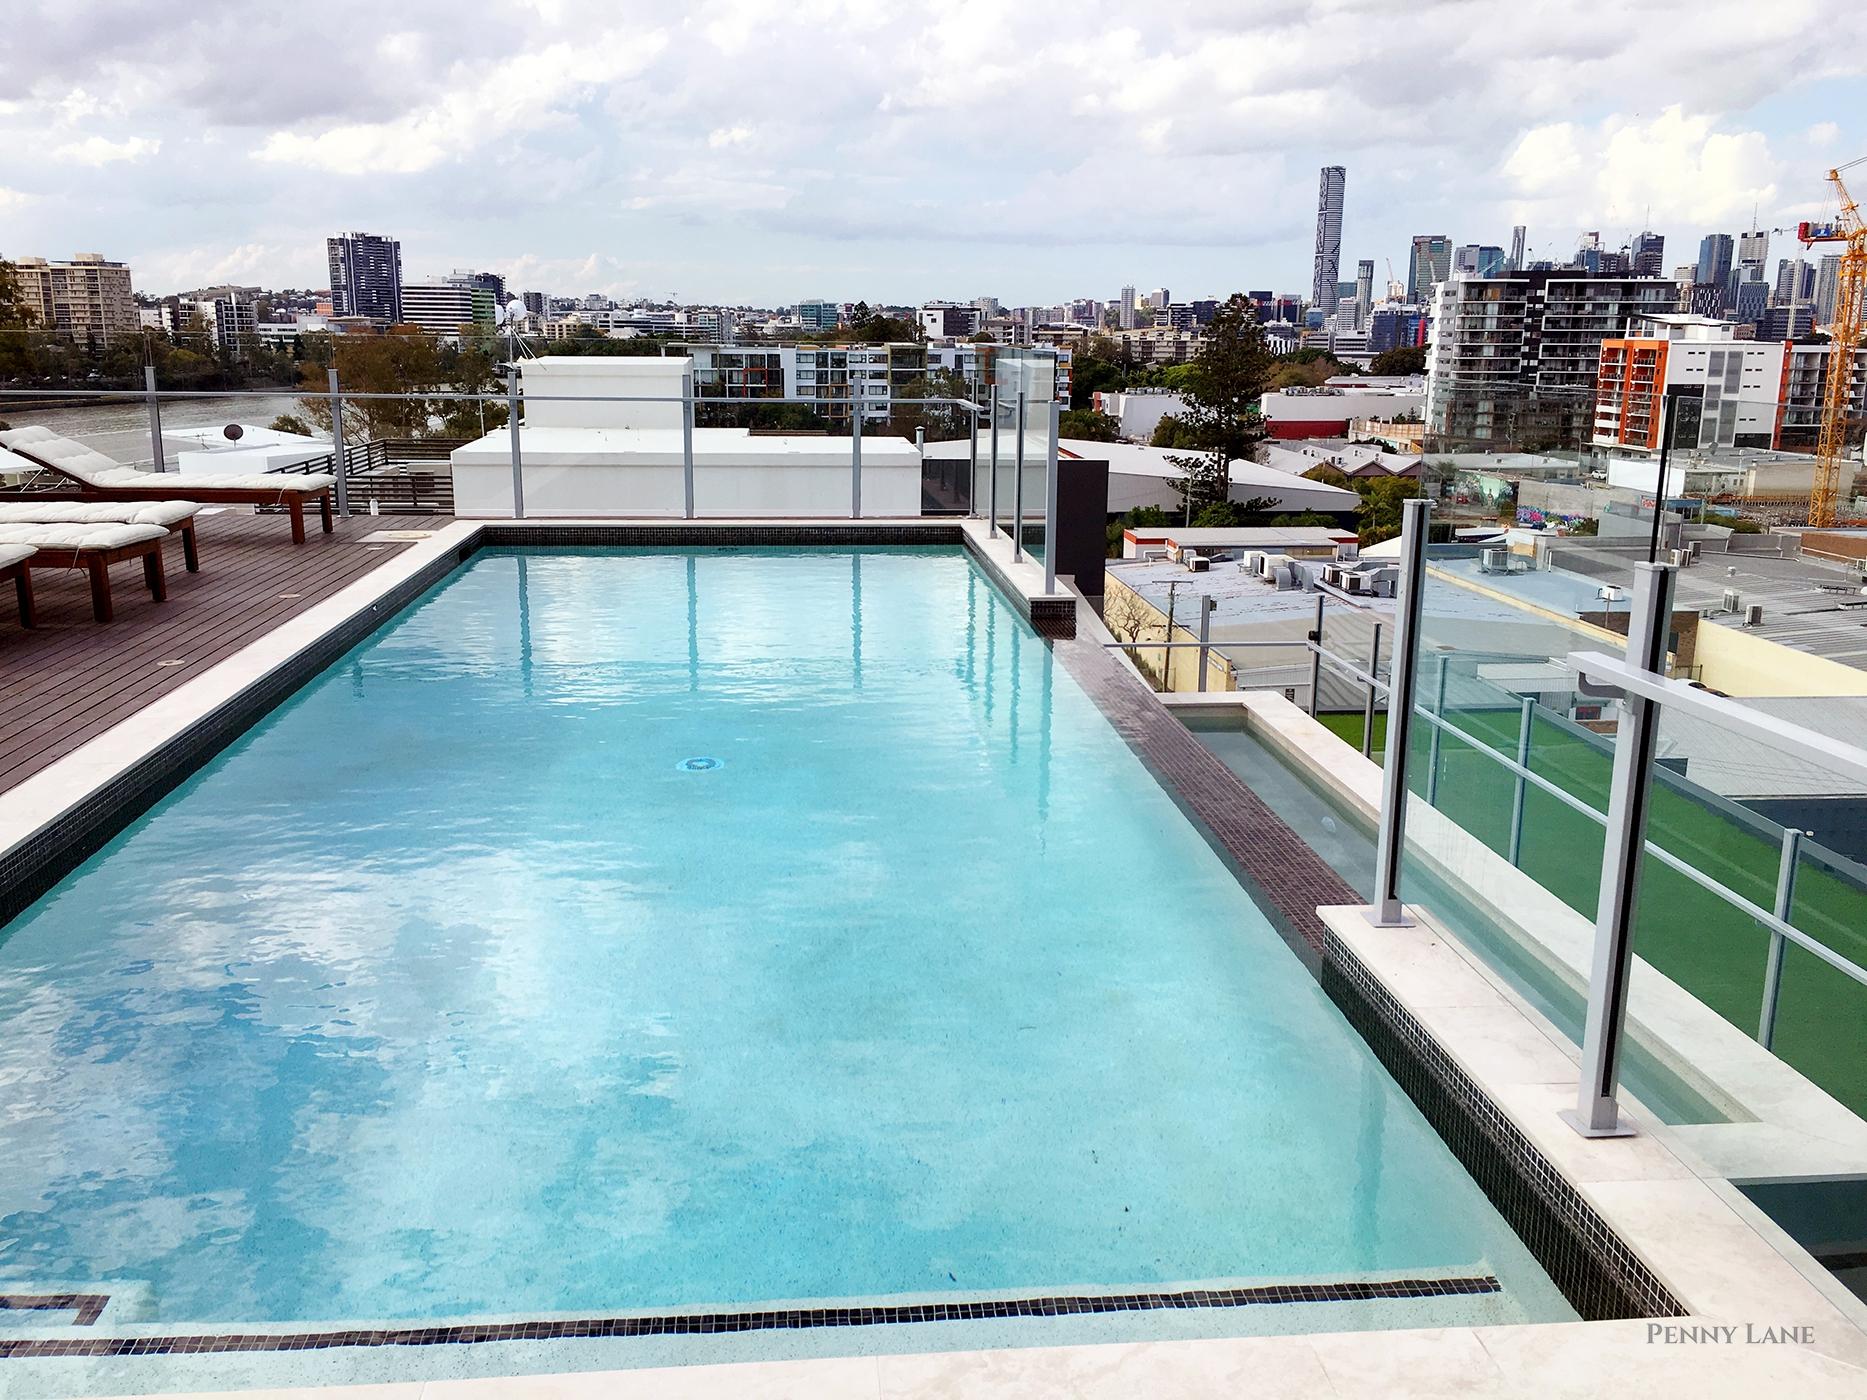 hires.9777-soko-aswimming-pool-4.jpg